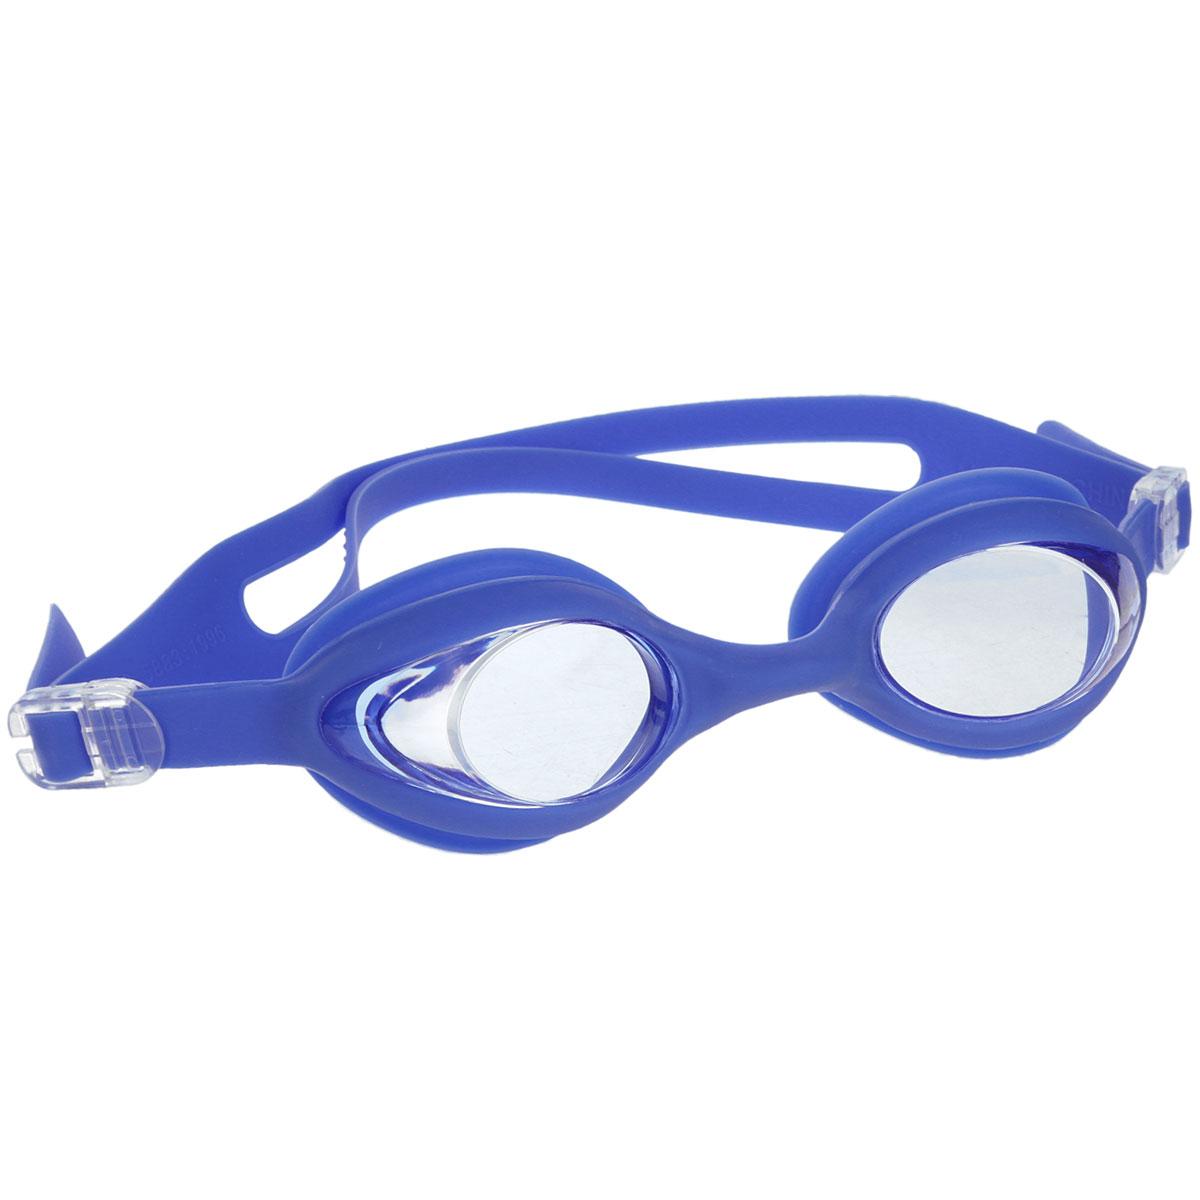 Очки для плавания MadWave Flexy, цвет: синийM0426 07 0 00WОчки для плавания MadWave Flexy. Линзы выполнены из поликарбоната, обтюратор и ремешок - из силикона. Вид переносицы - моноблок. Защита от ультрафиолетовых лучей. Антизапотевающие стекла. К ним можно отдельно приобрести линзы с диоптриями.